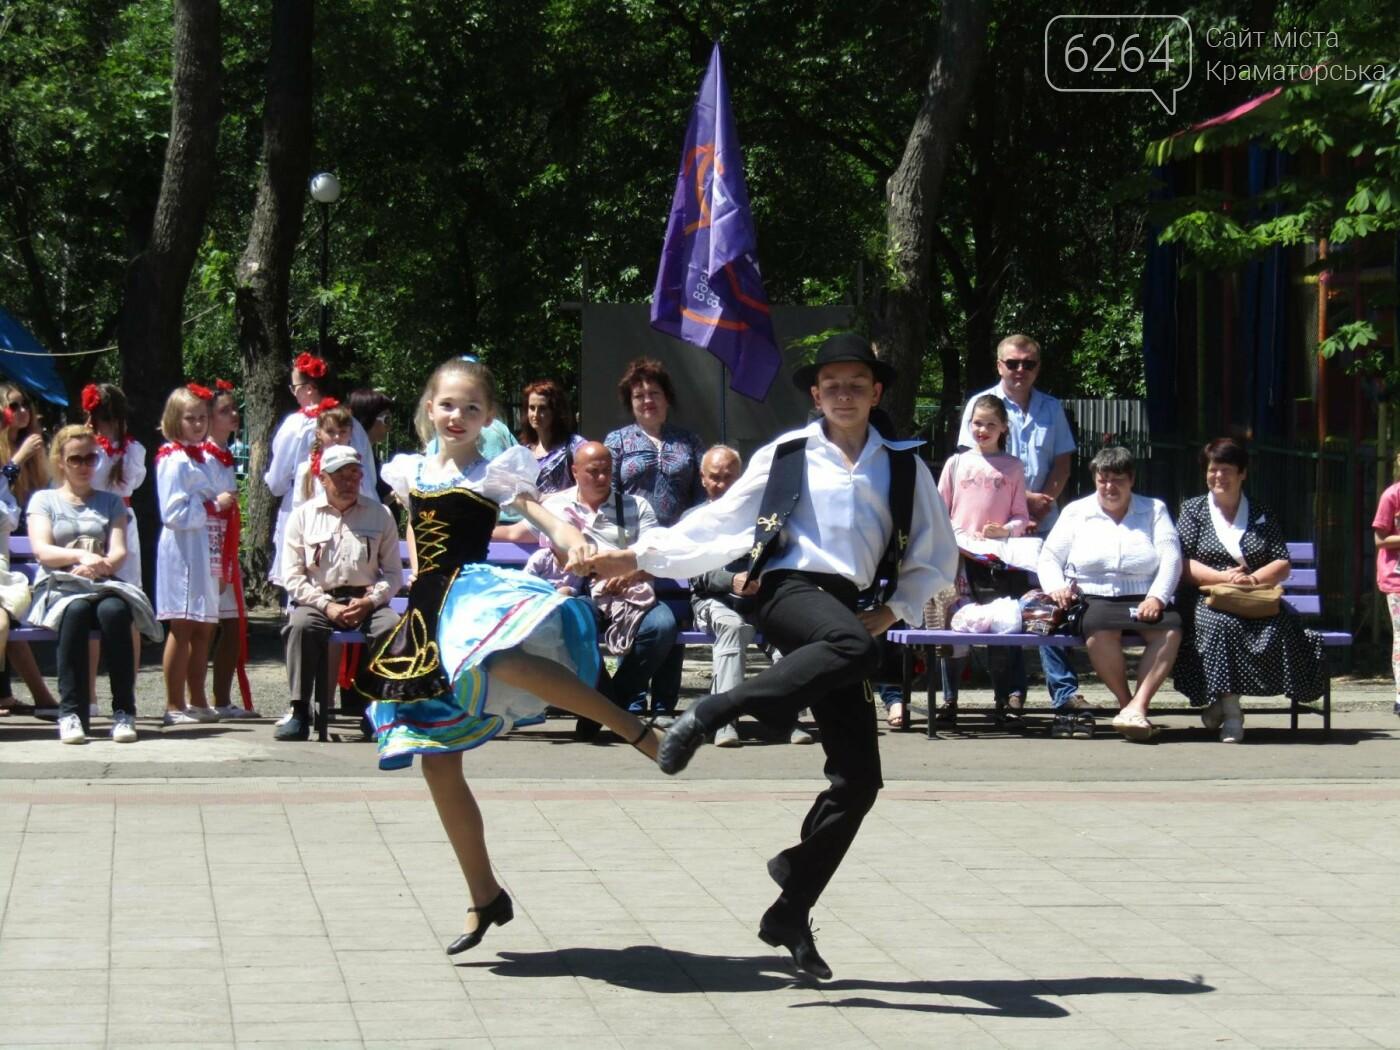 «Фестиваль семьи» порадовал жителей Краматорска, фото-5